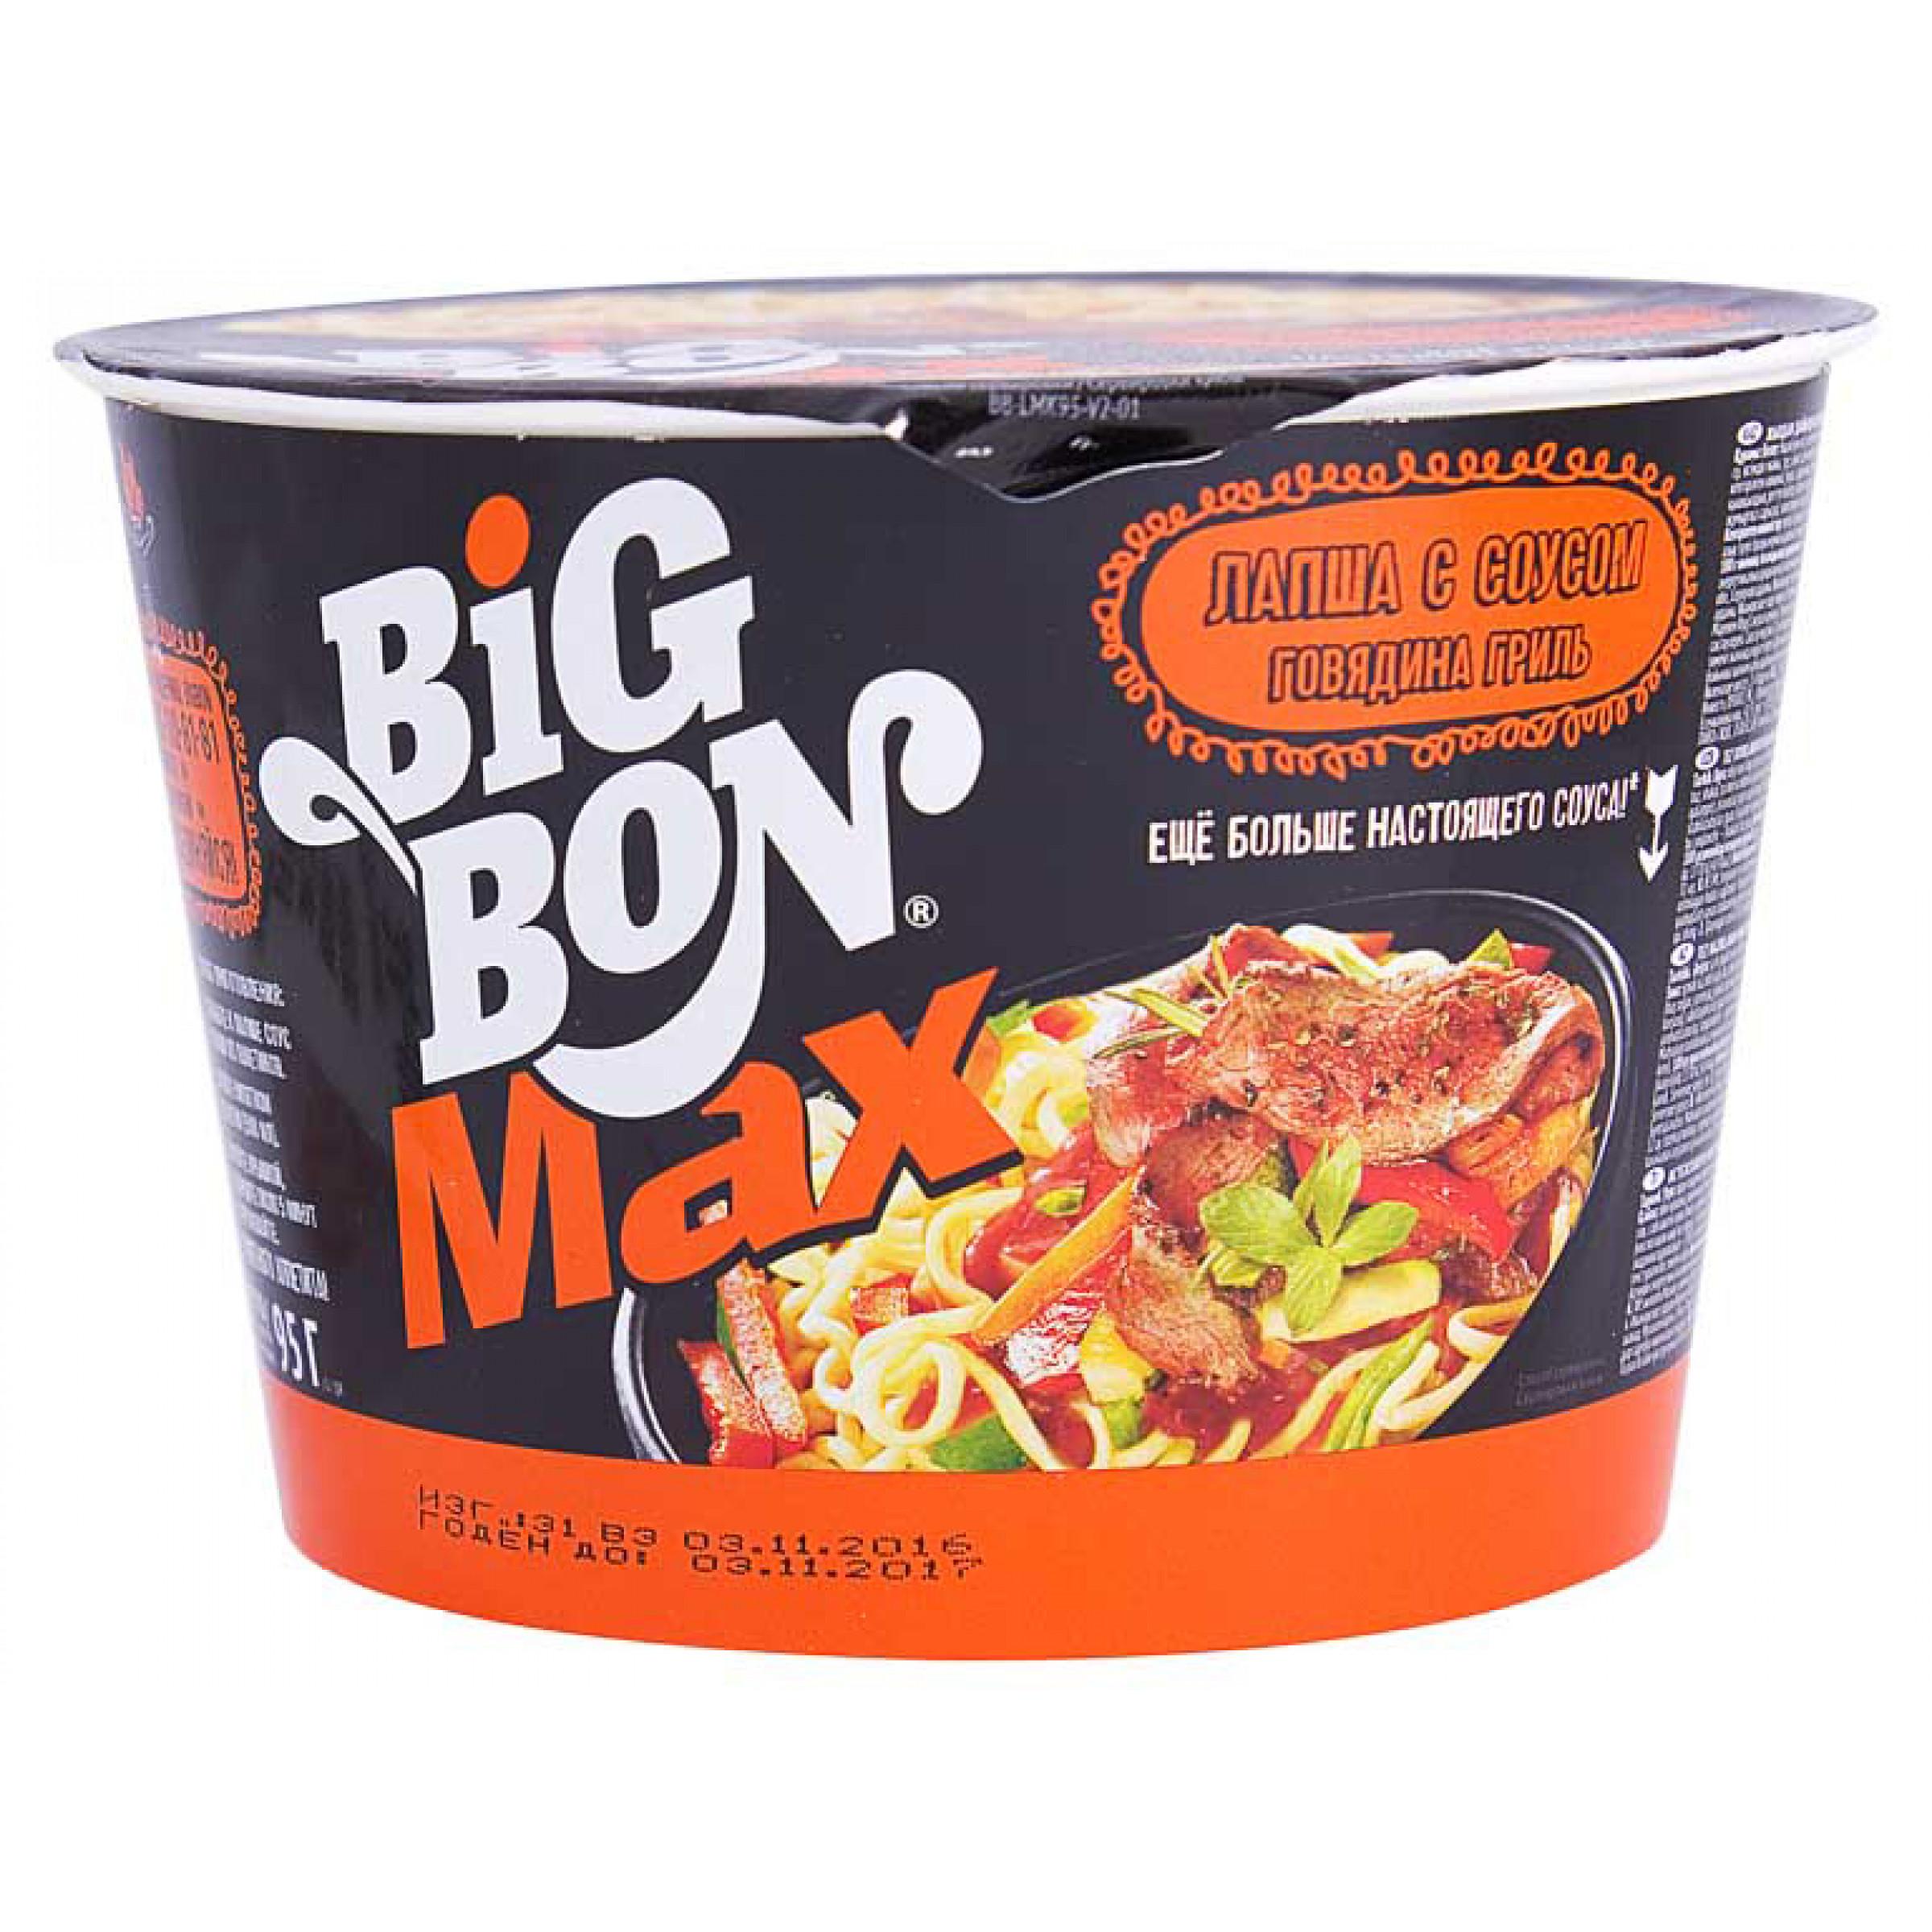 """Лапша """"BIG BON МАХ"""" с соусом и говядиной гриль, 95гр"""